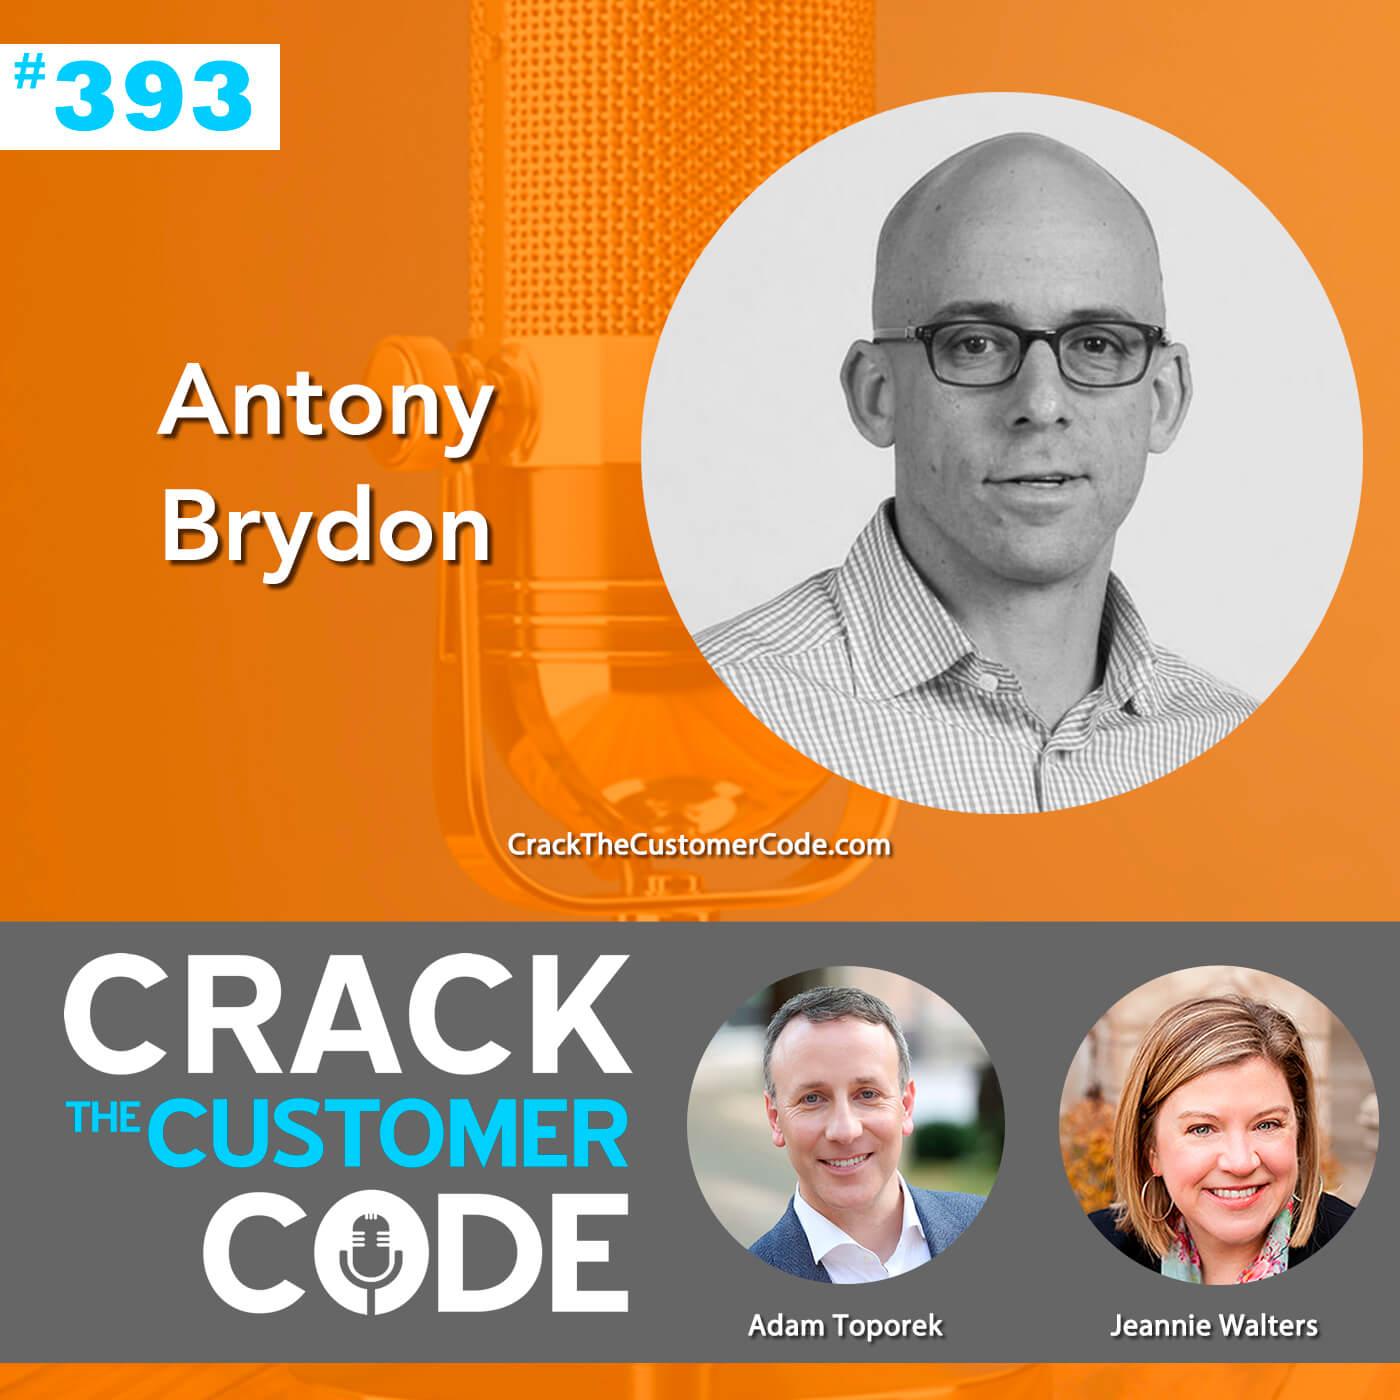 393: Antony Brydon, AI Customer Service